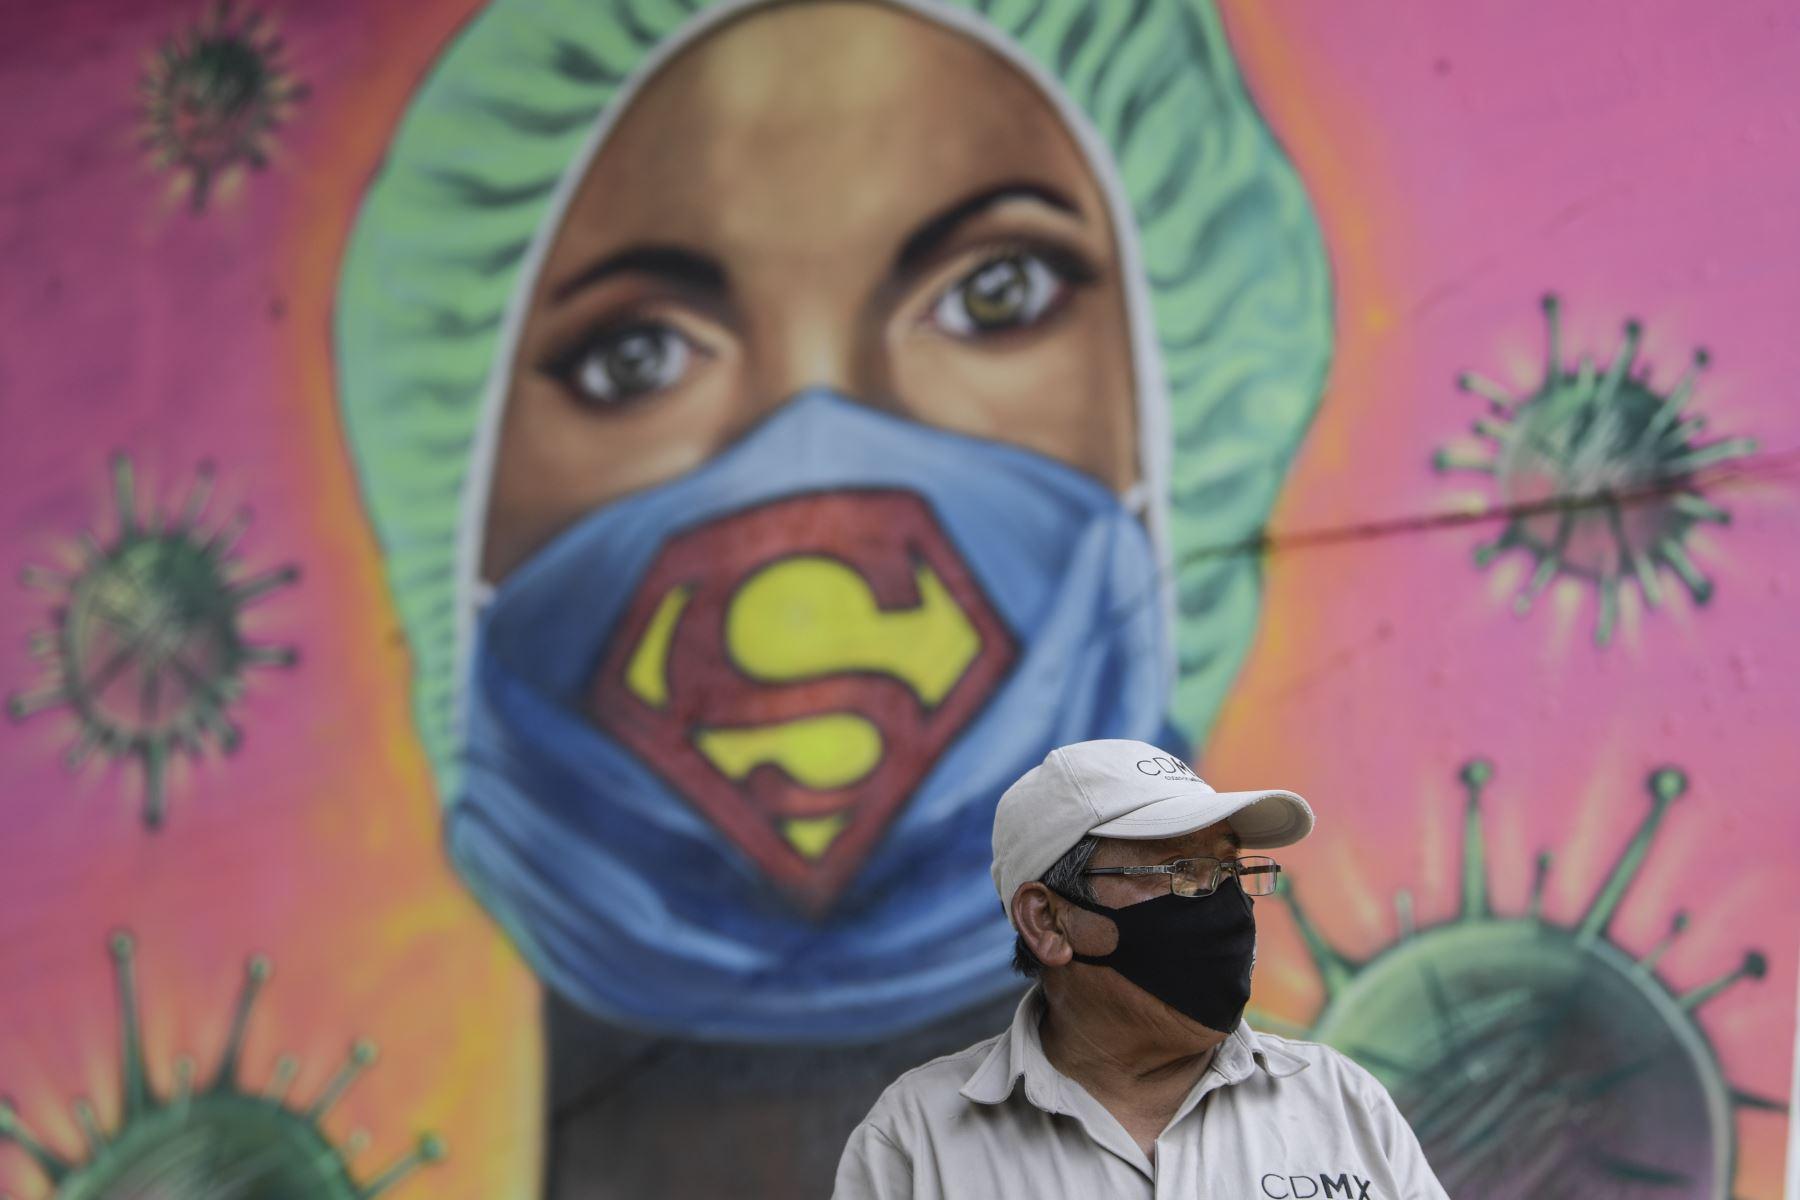 Un jardinero de la ciudad trabaja junto a un mural que muestra a un miembro de la sanidad usando una mascarilla con el símbolo del superhéroe ficticio Supermán, en Ciudad de México, en medio de la nueva pandemia del covid-19. Foto: AFP.